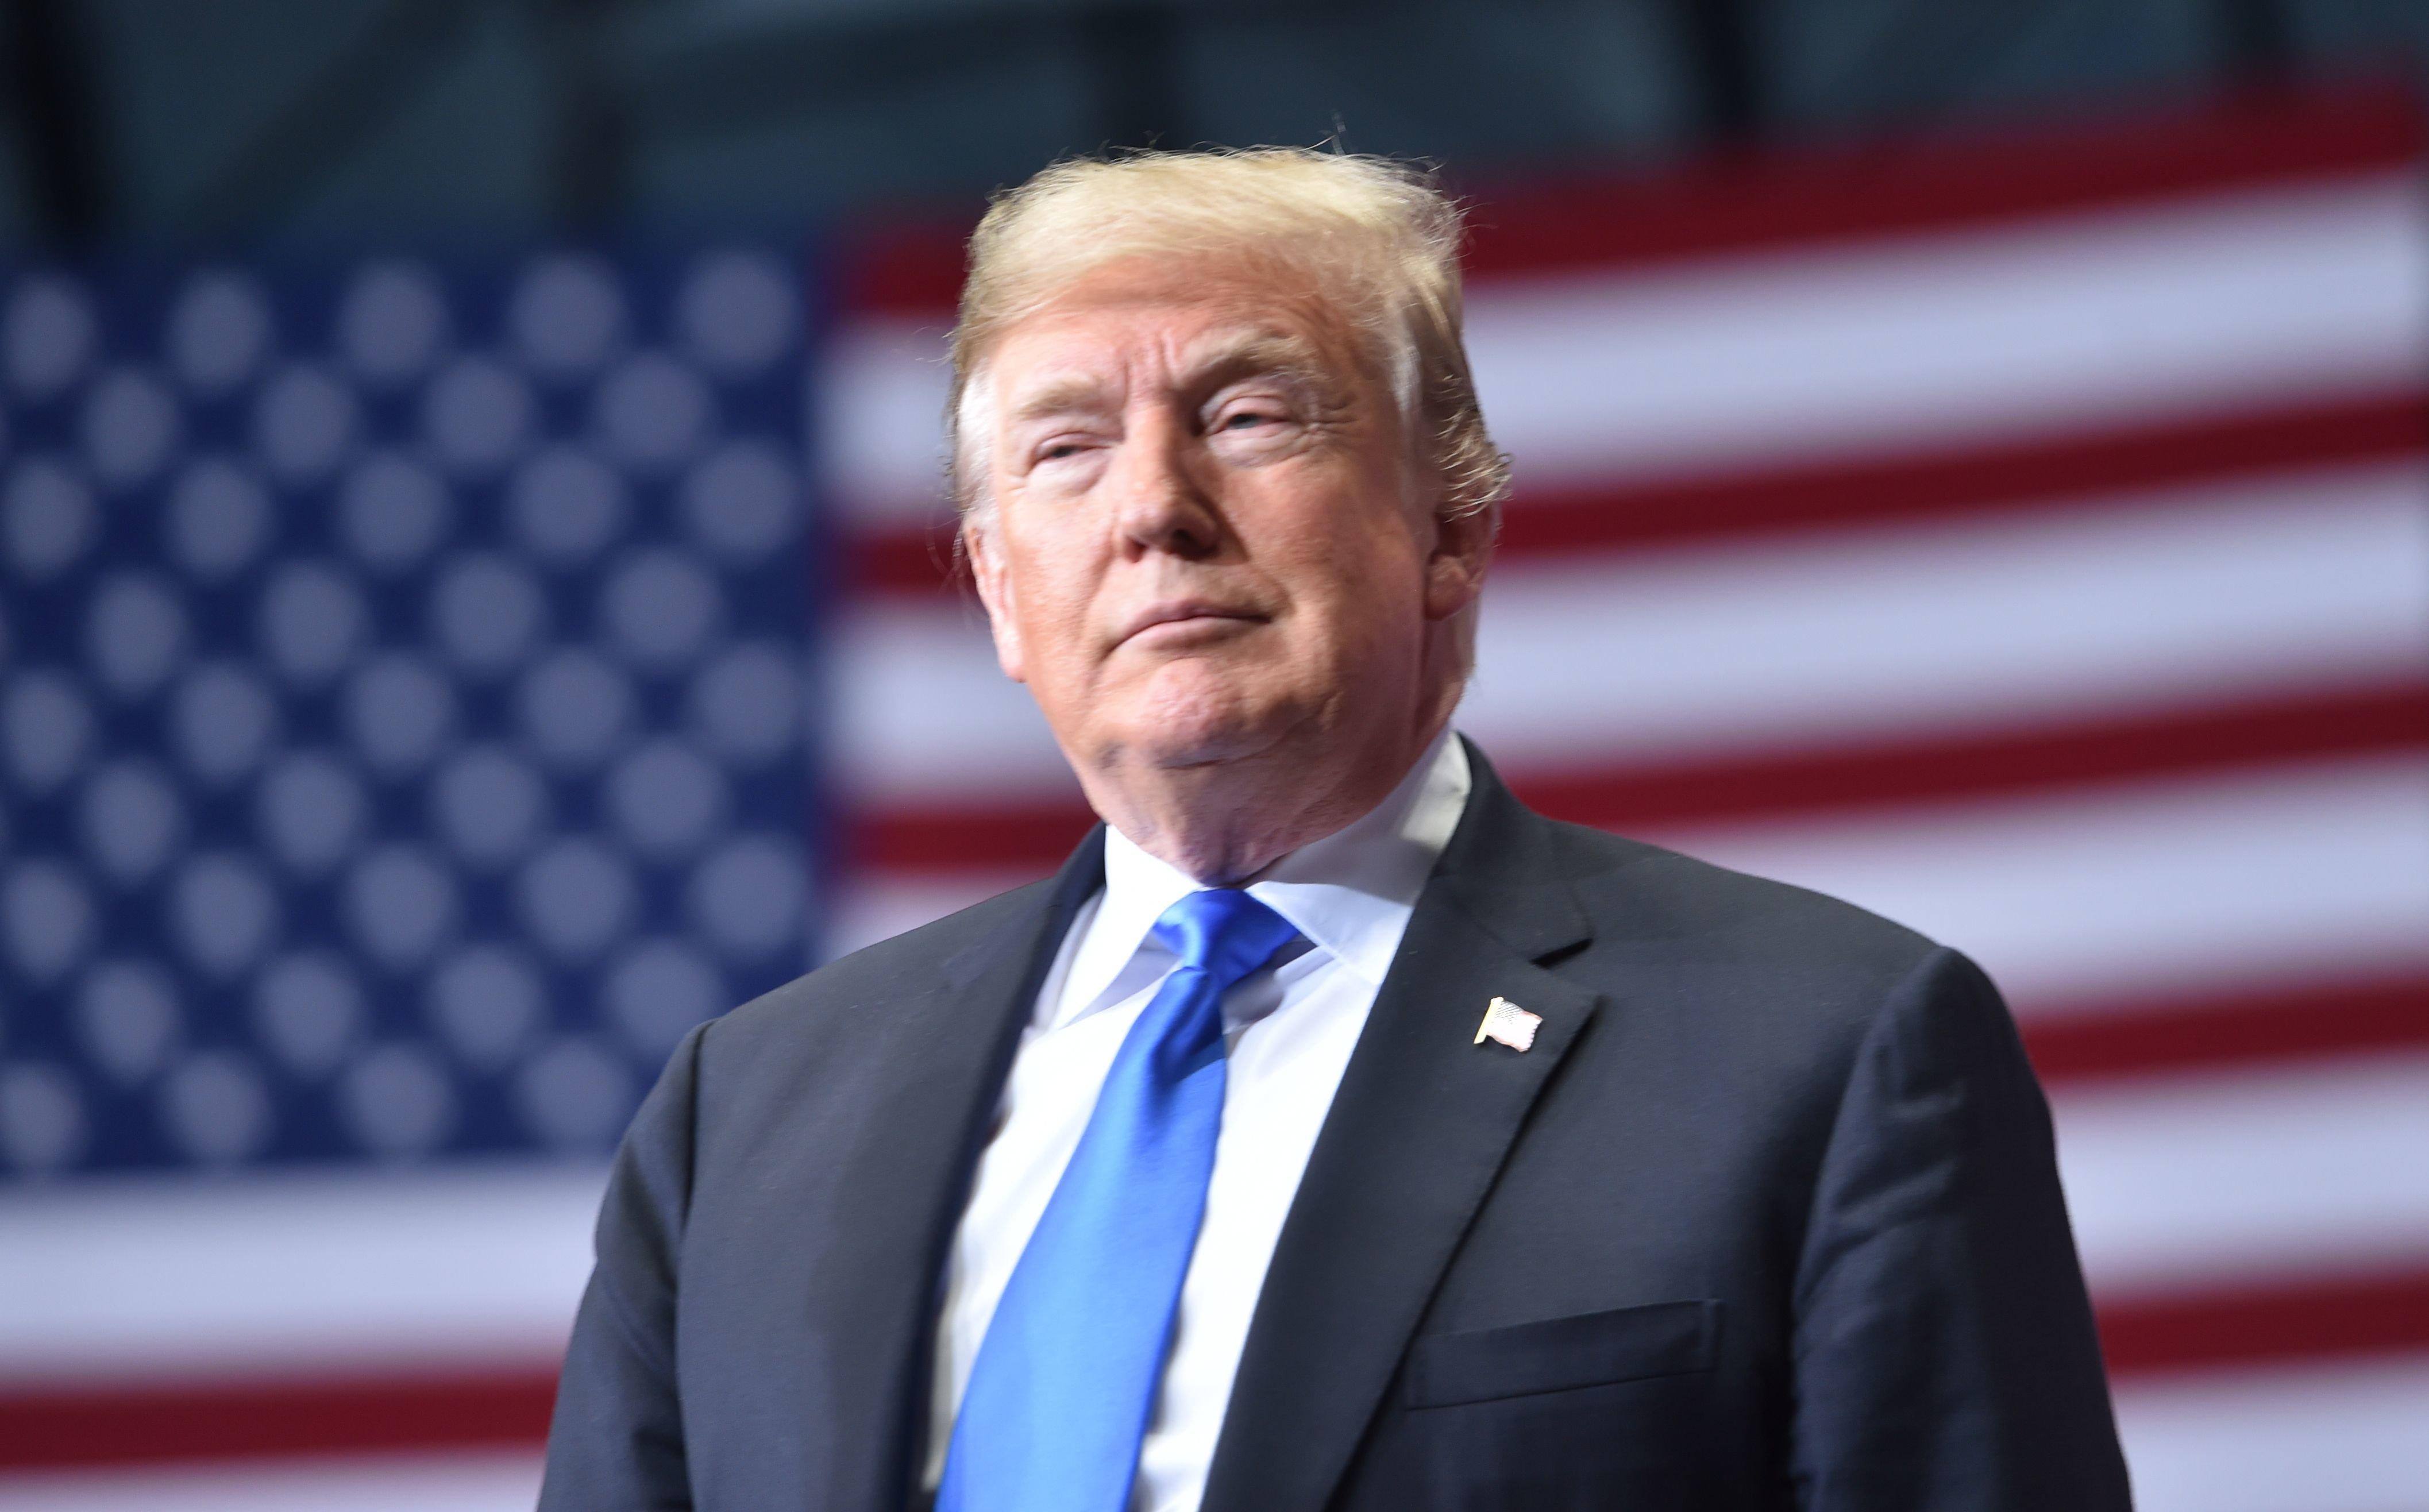 미국 원정출산이 위헌이라고? '출생시민권'을 둘러싼 쟁점들